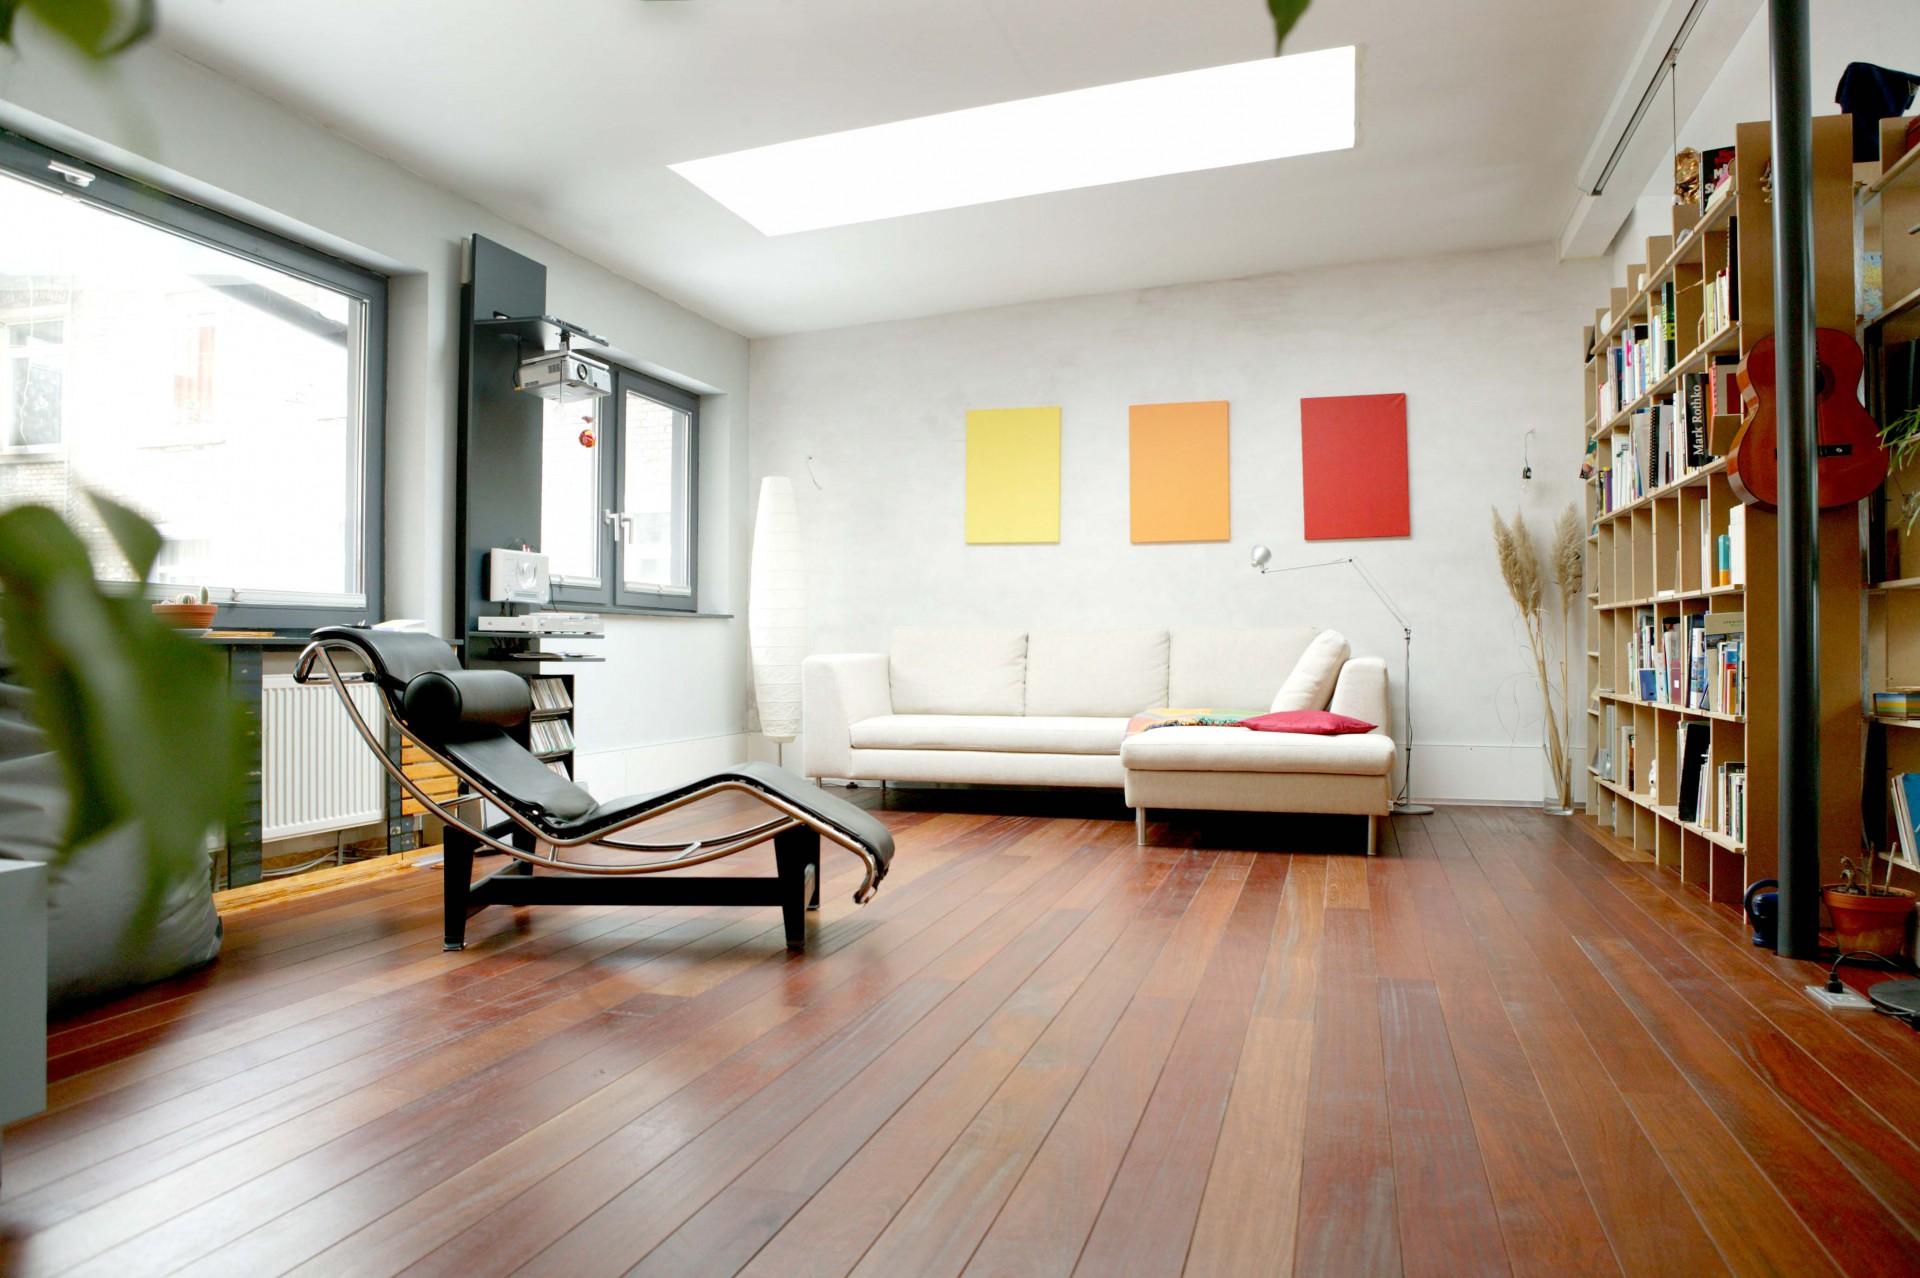 Loft Innenausbau Wohnzimmer